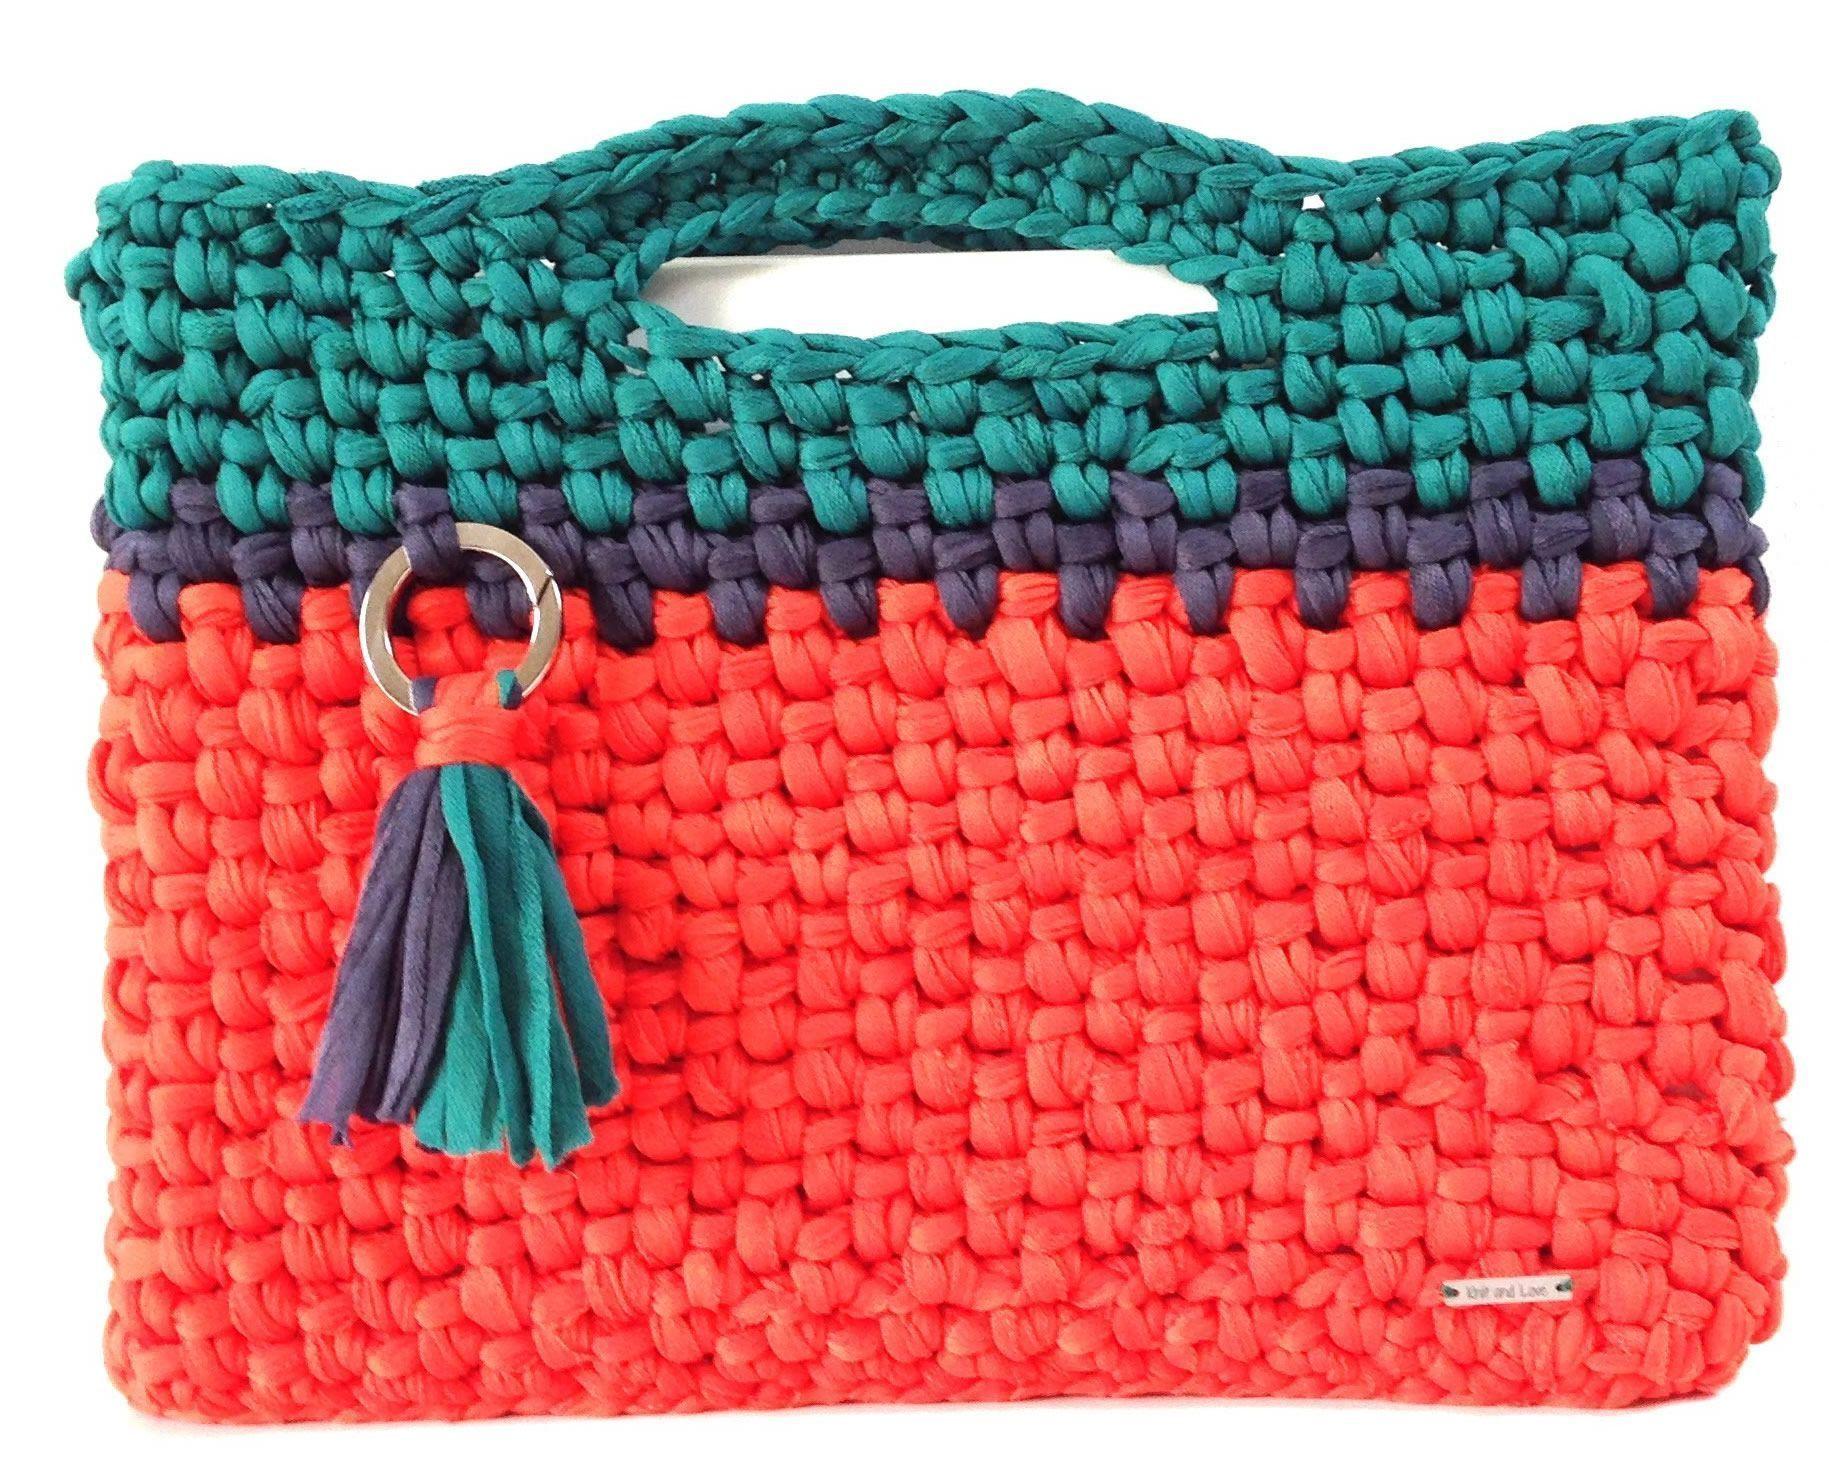 Bolsa para ordenador crochet con trapillo - Patrones gratis